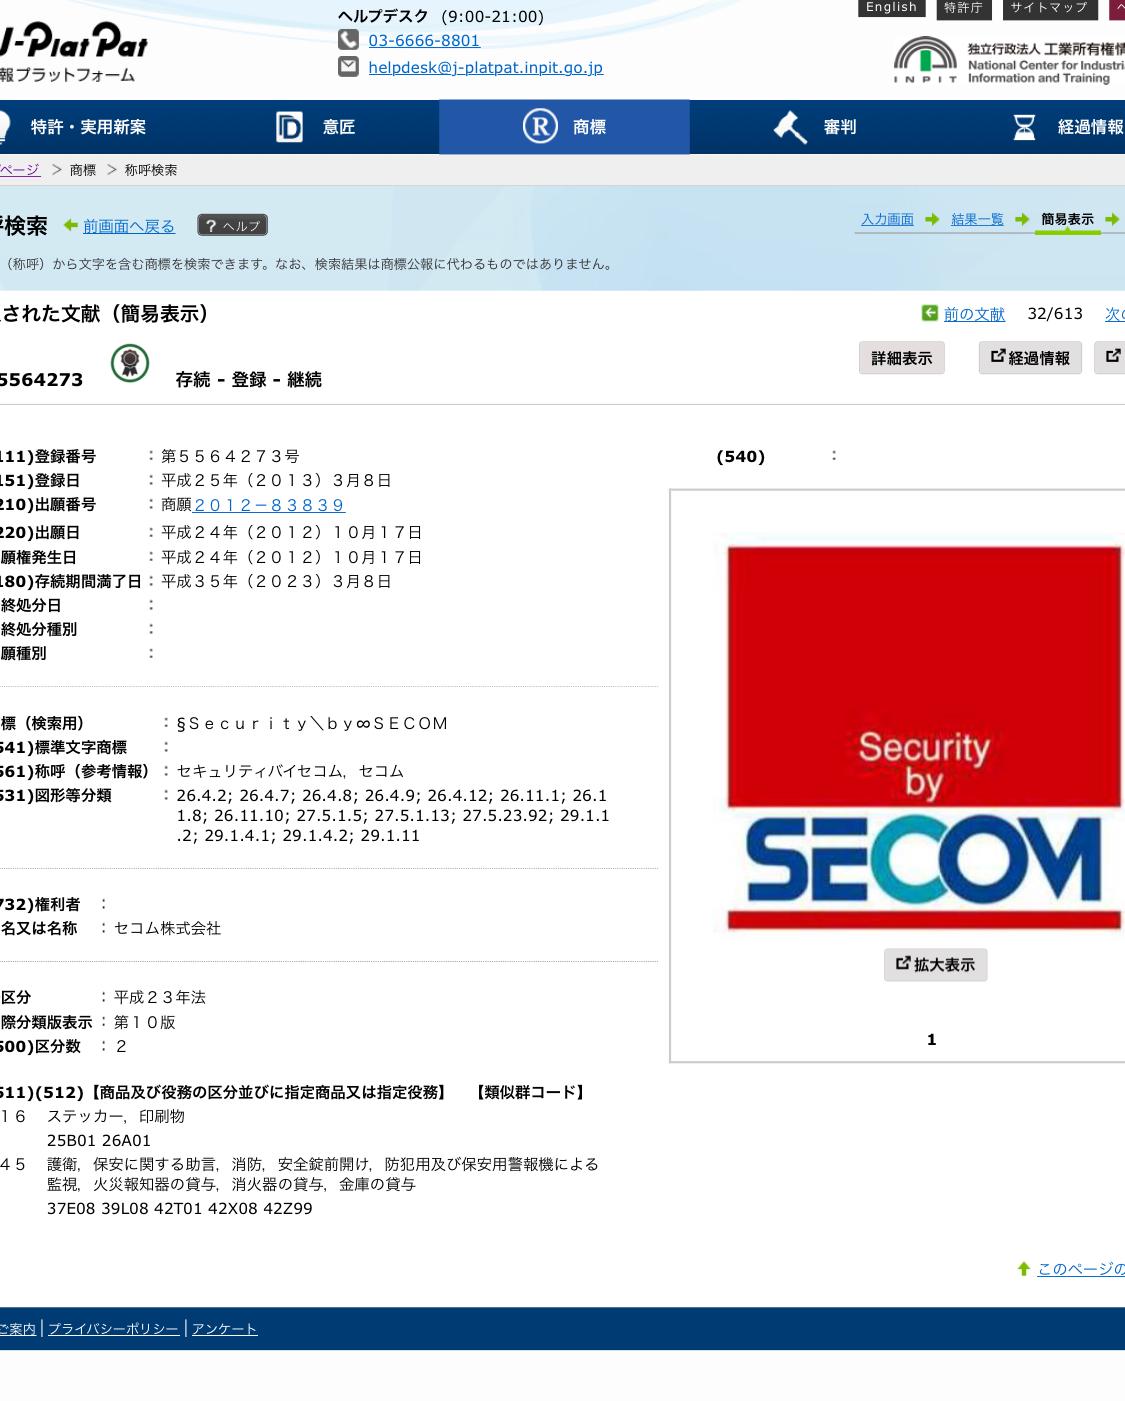 5CEA4C64-AF2E-4AE7-9040-140437DCD76A